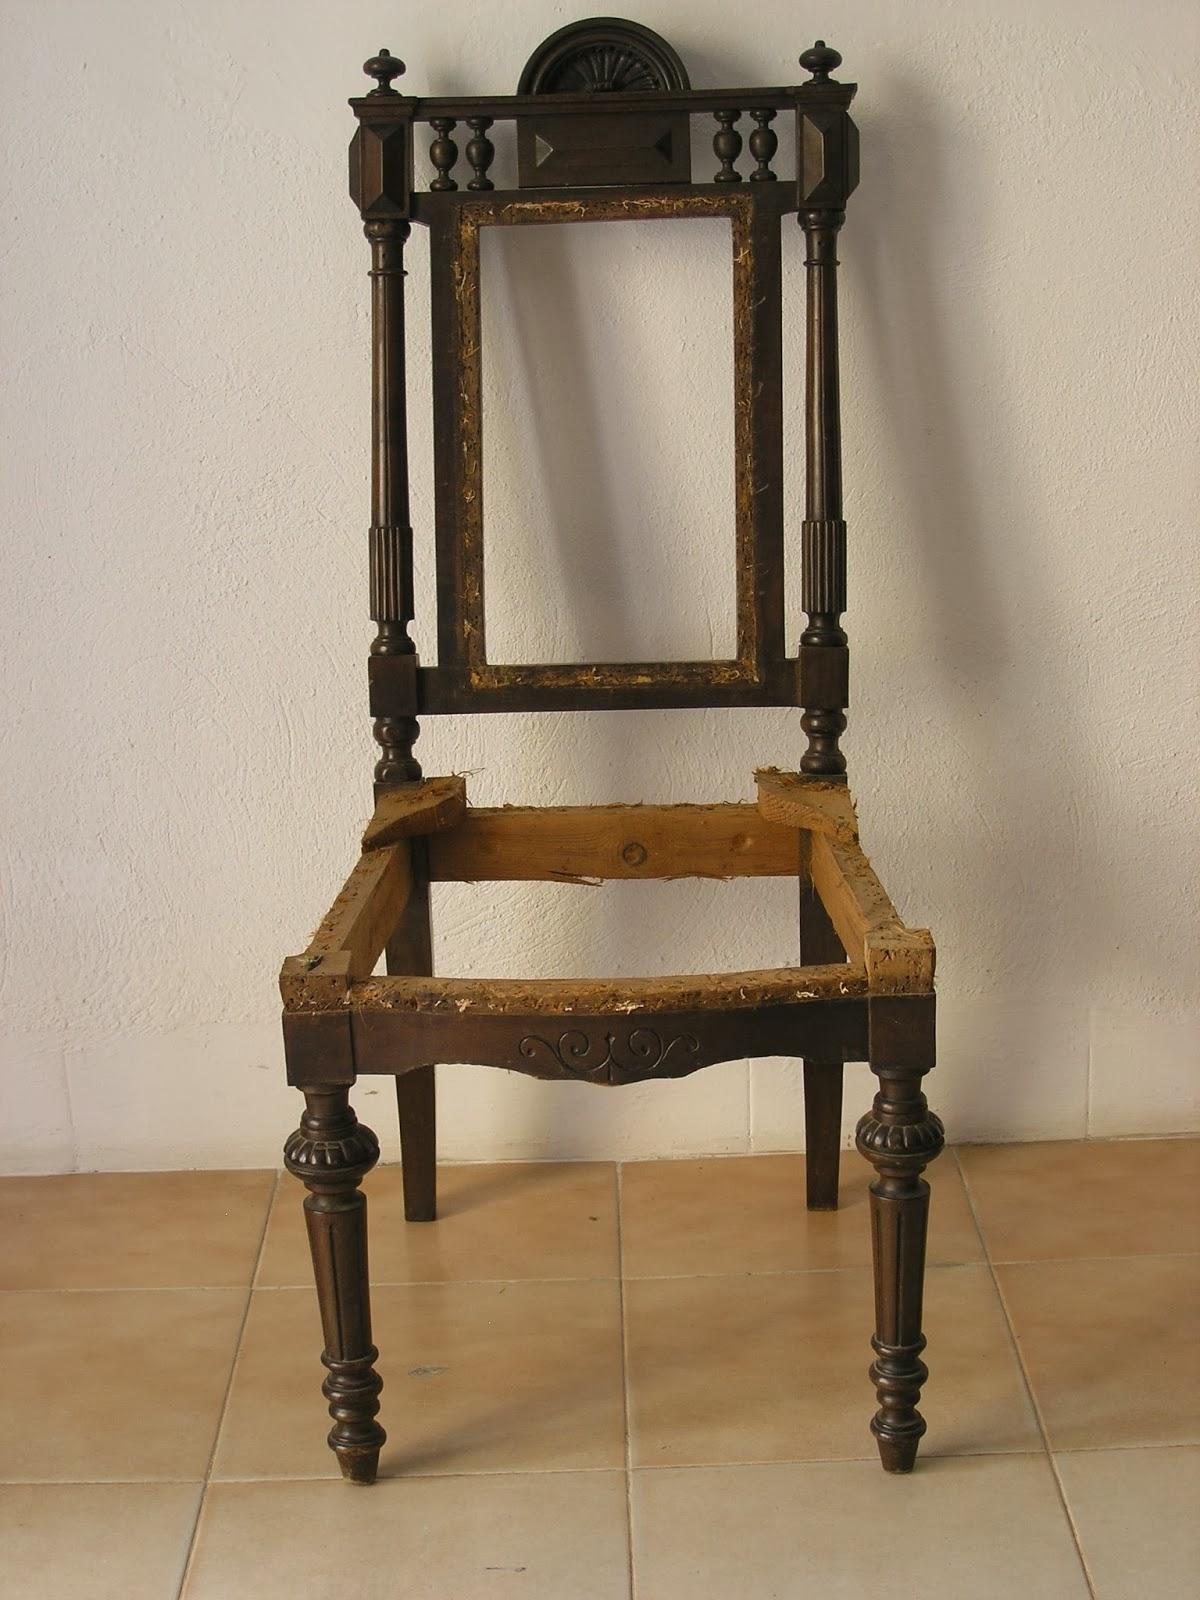 Restauraci n de mueble antiguo en valencia mueble de asiento - Restauracion muebles valencia ...